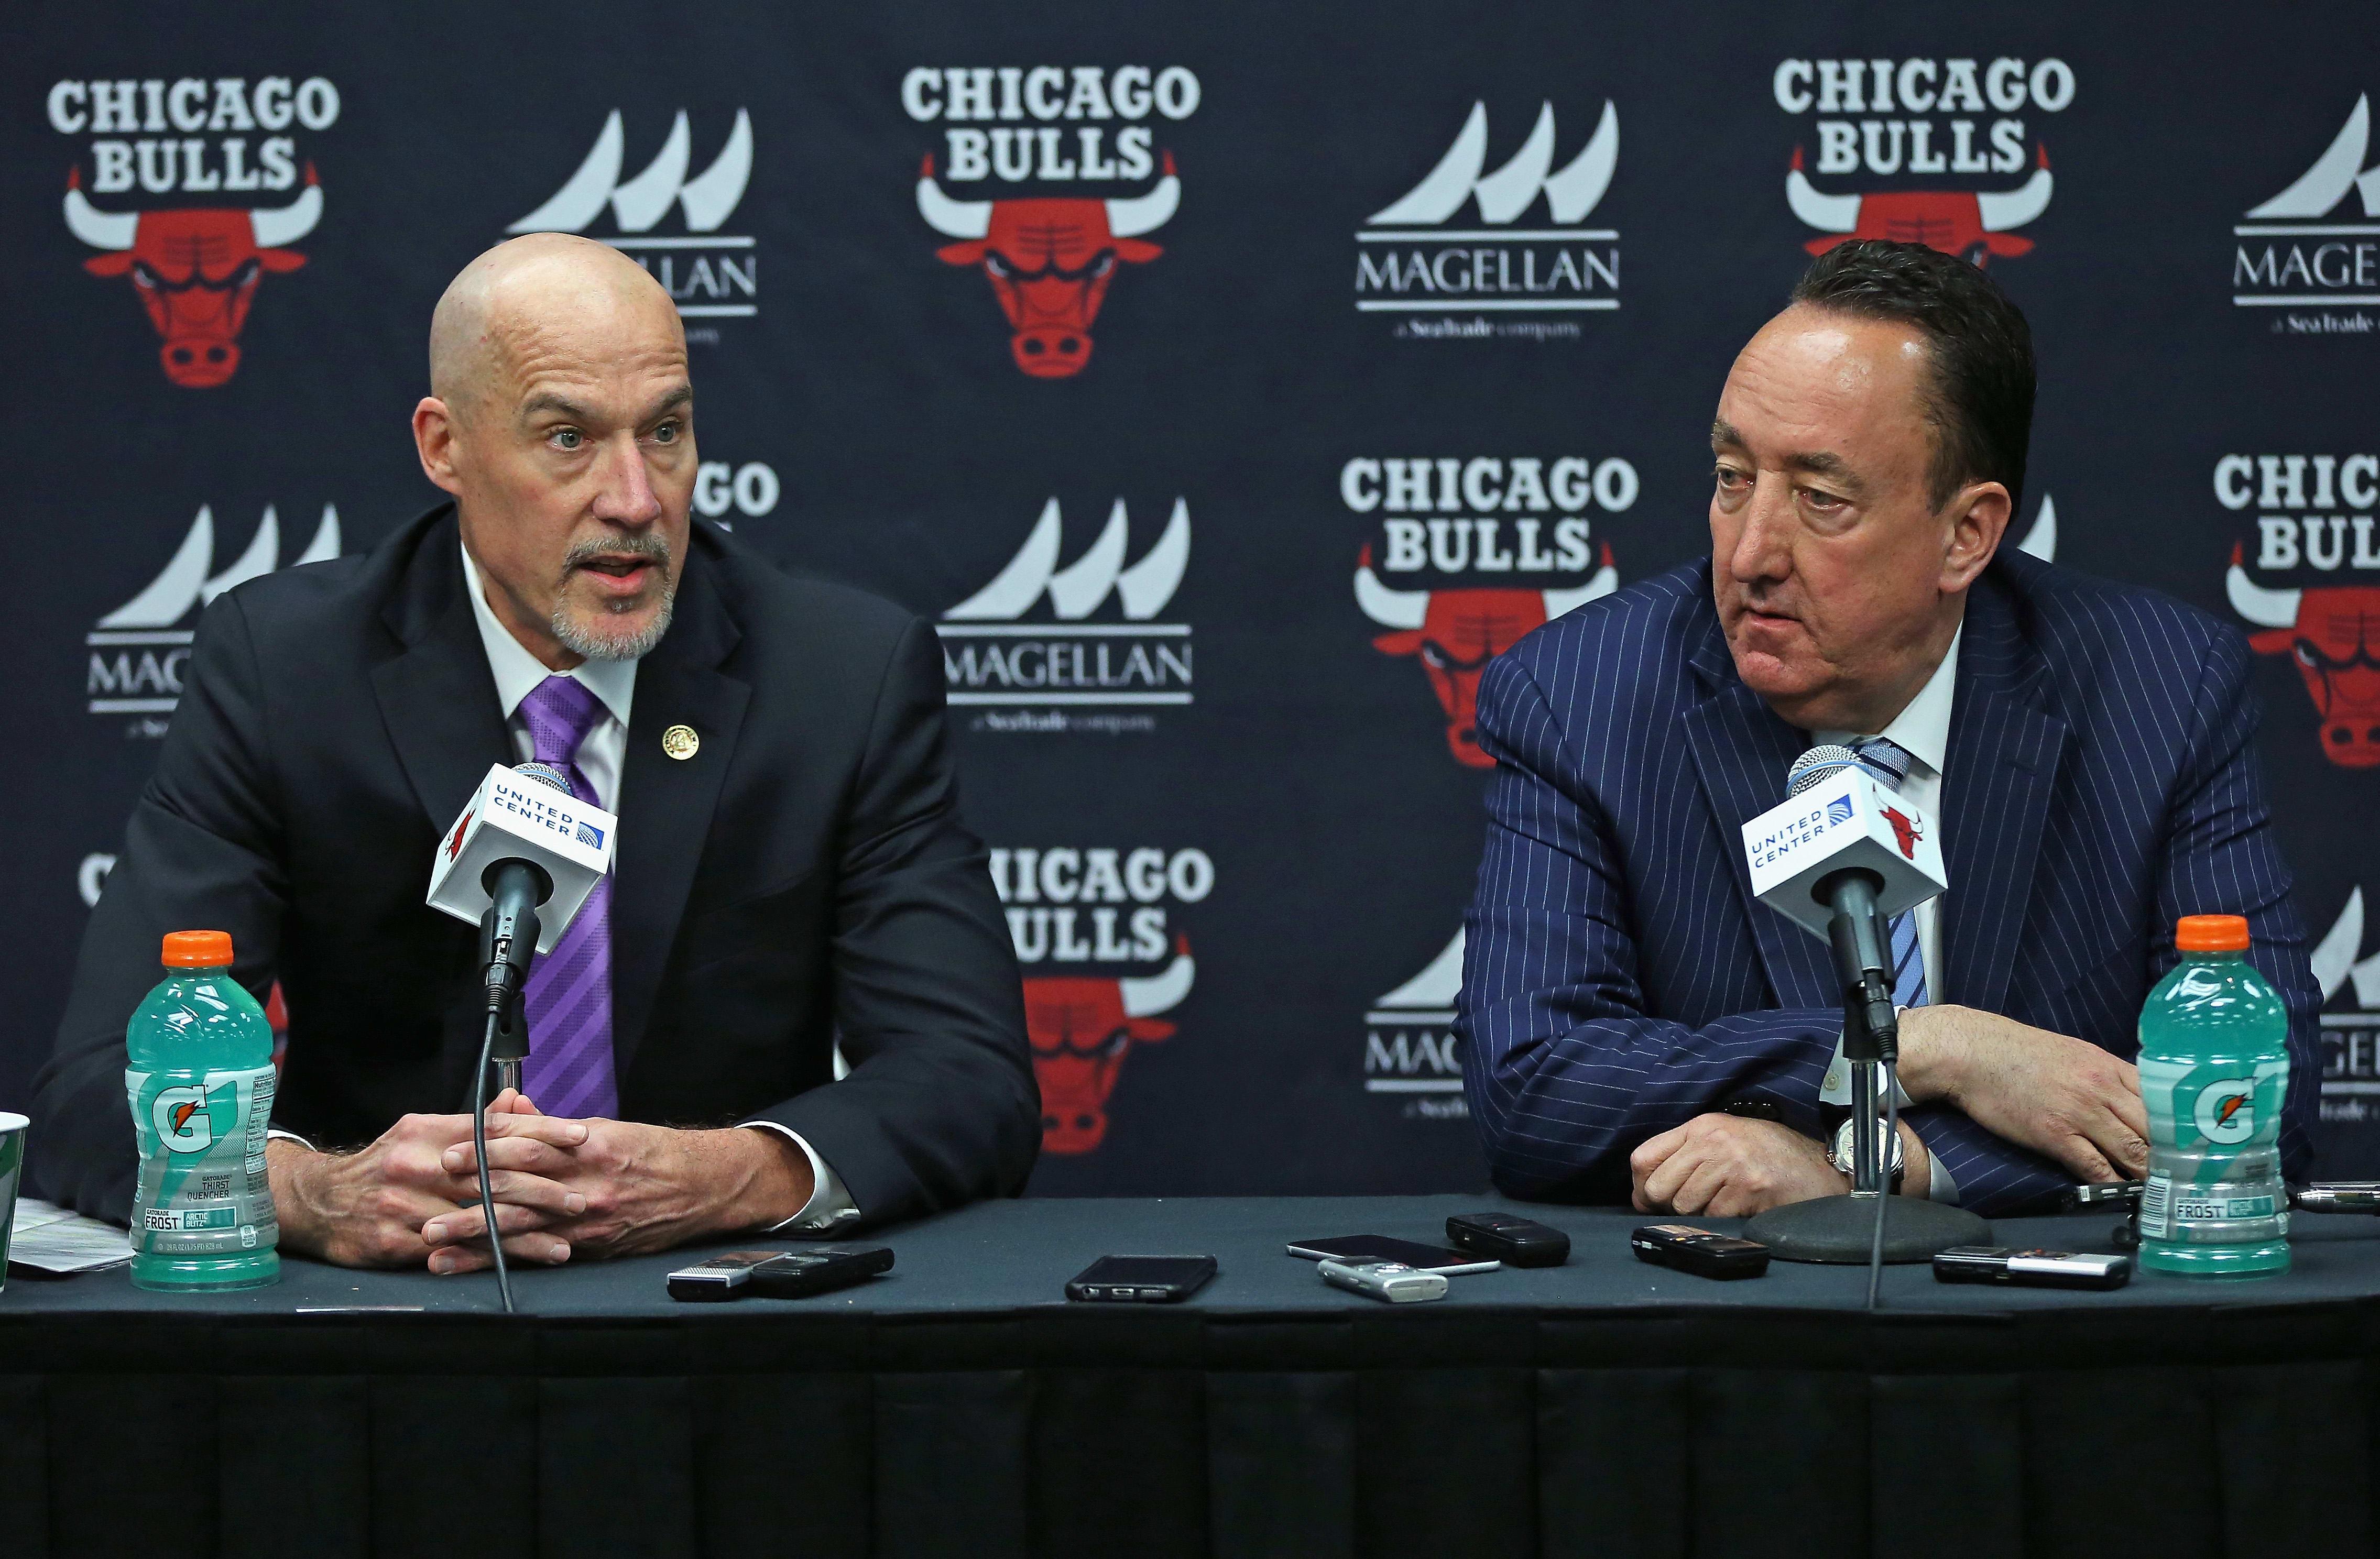 Chicago Bulls, Gar Forman